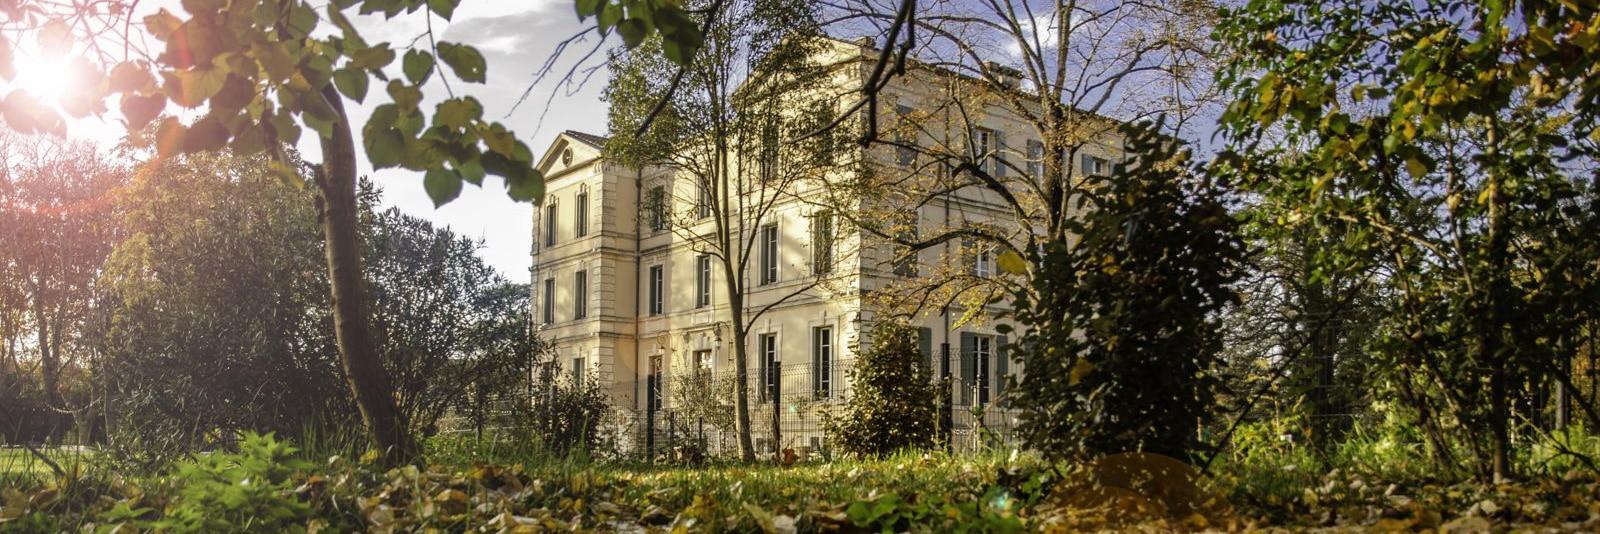 Herbst Château de Montcaud, Hotel Provence Südfrankreich